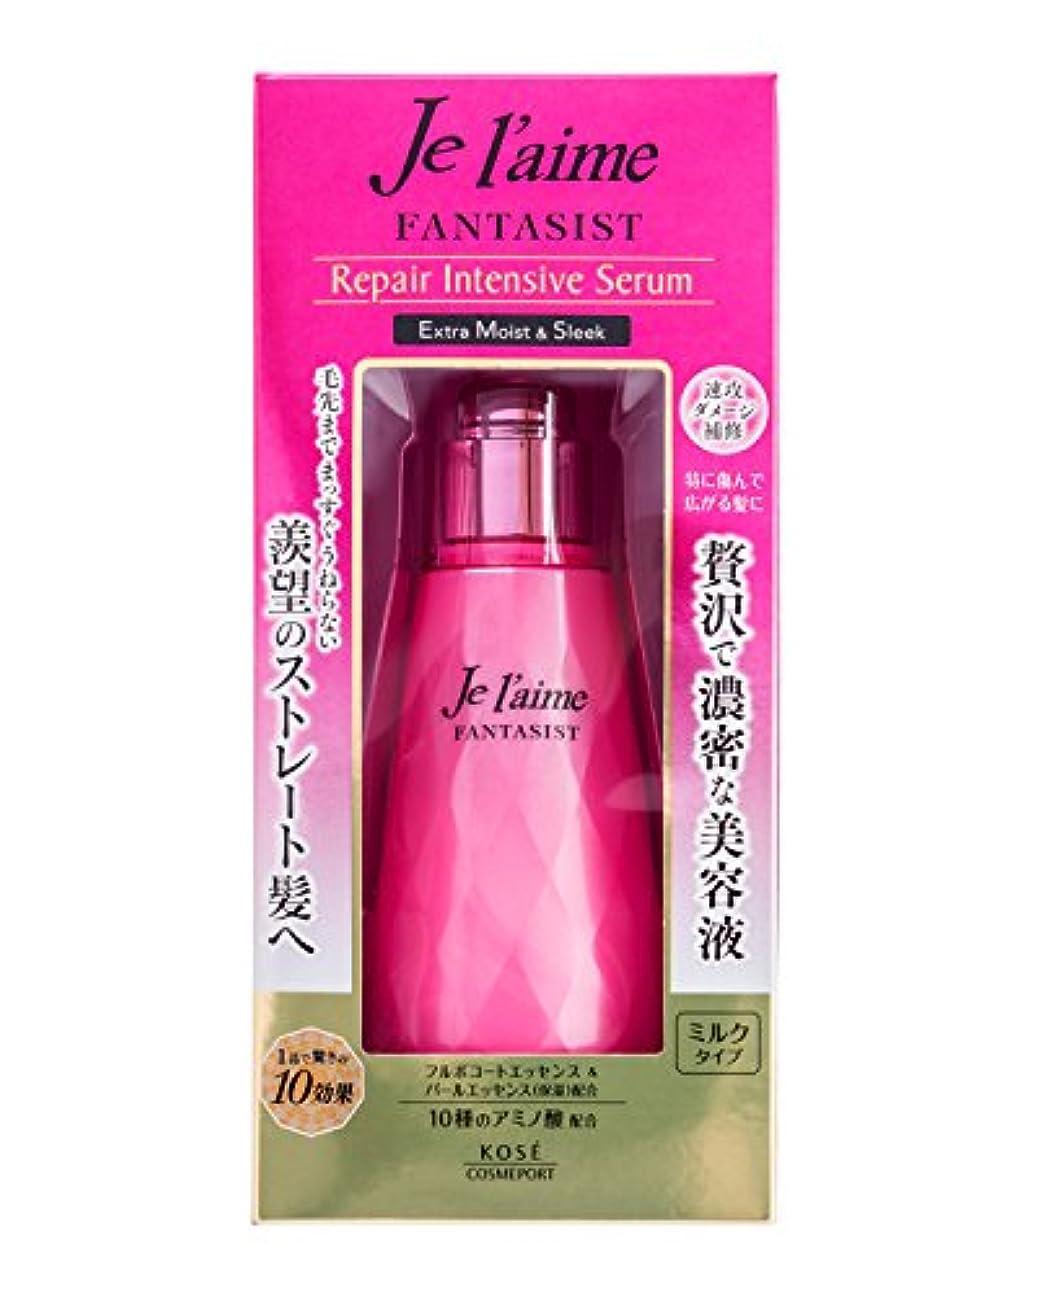 高さシリアル確かにKOSE コーセー ジュレーム ファンタジスト リペア インテンシブ セラム ヘア 美容液 (ストレート) 125ml